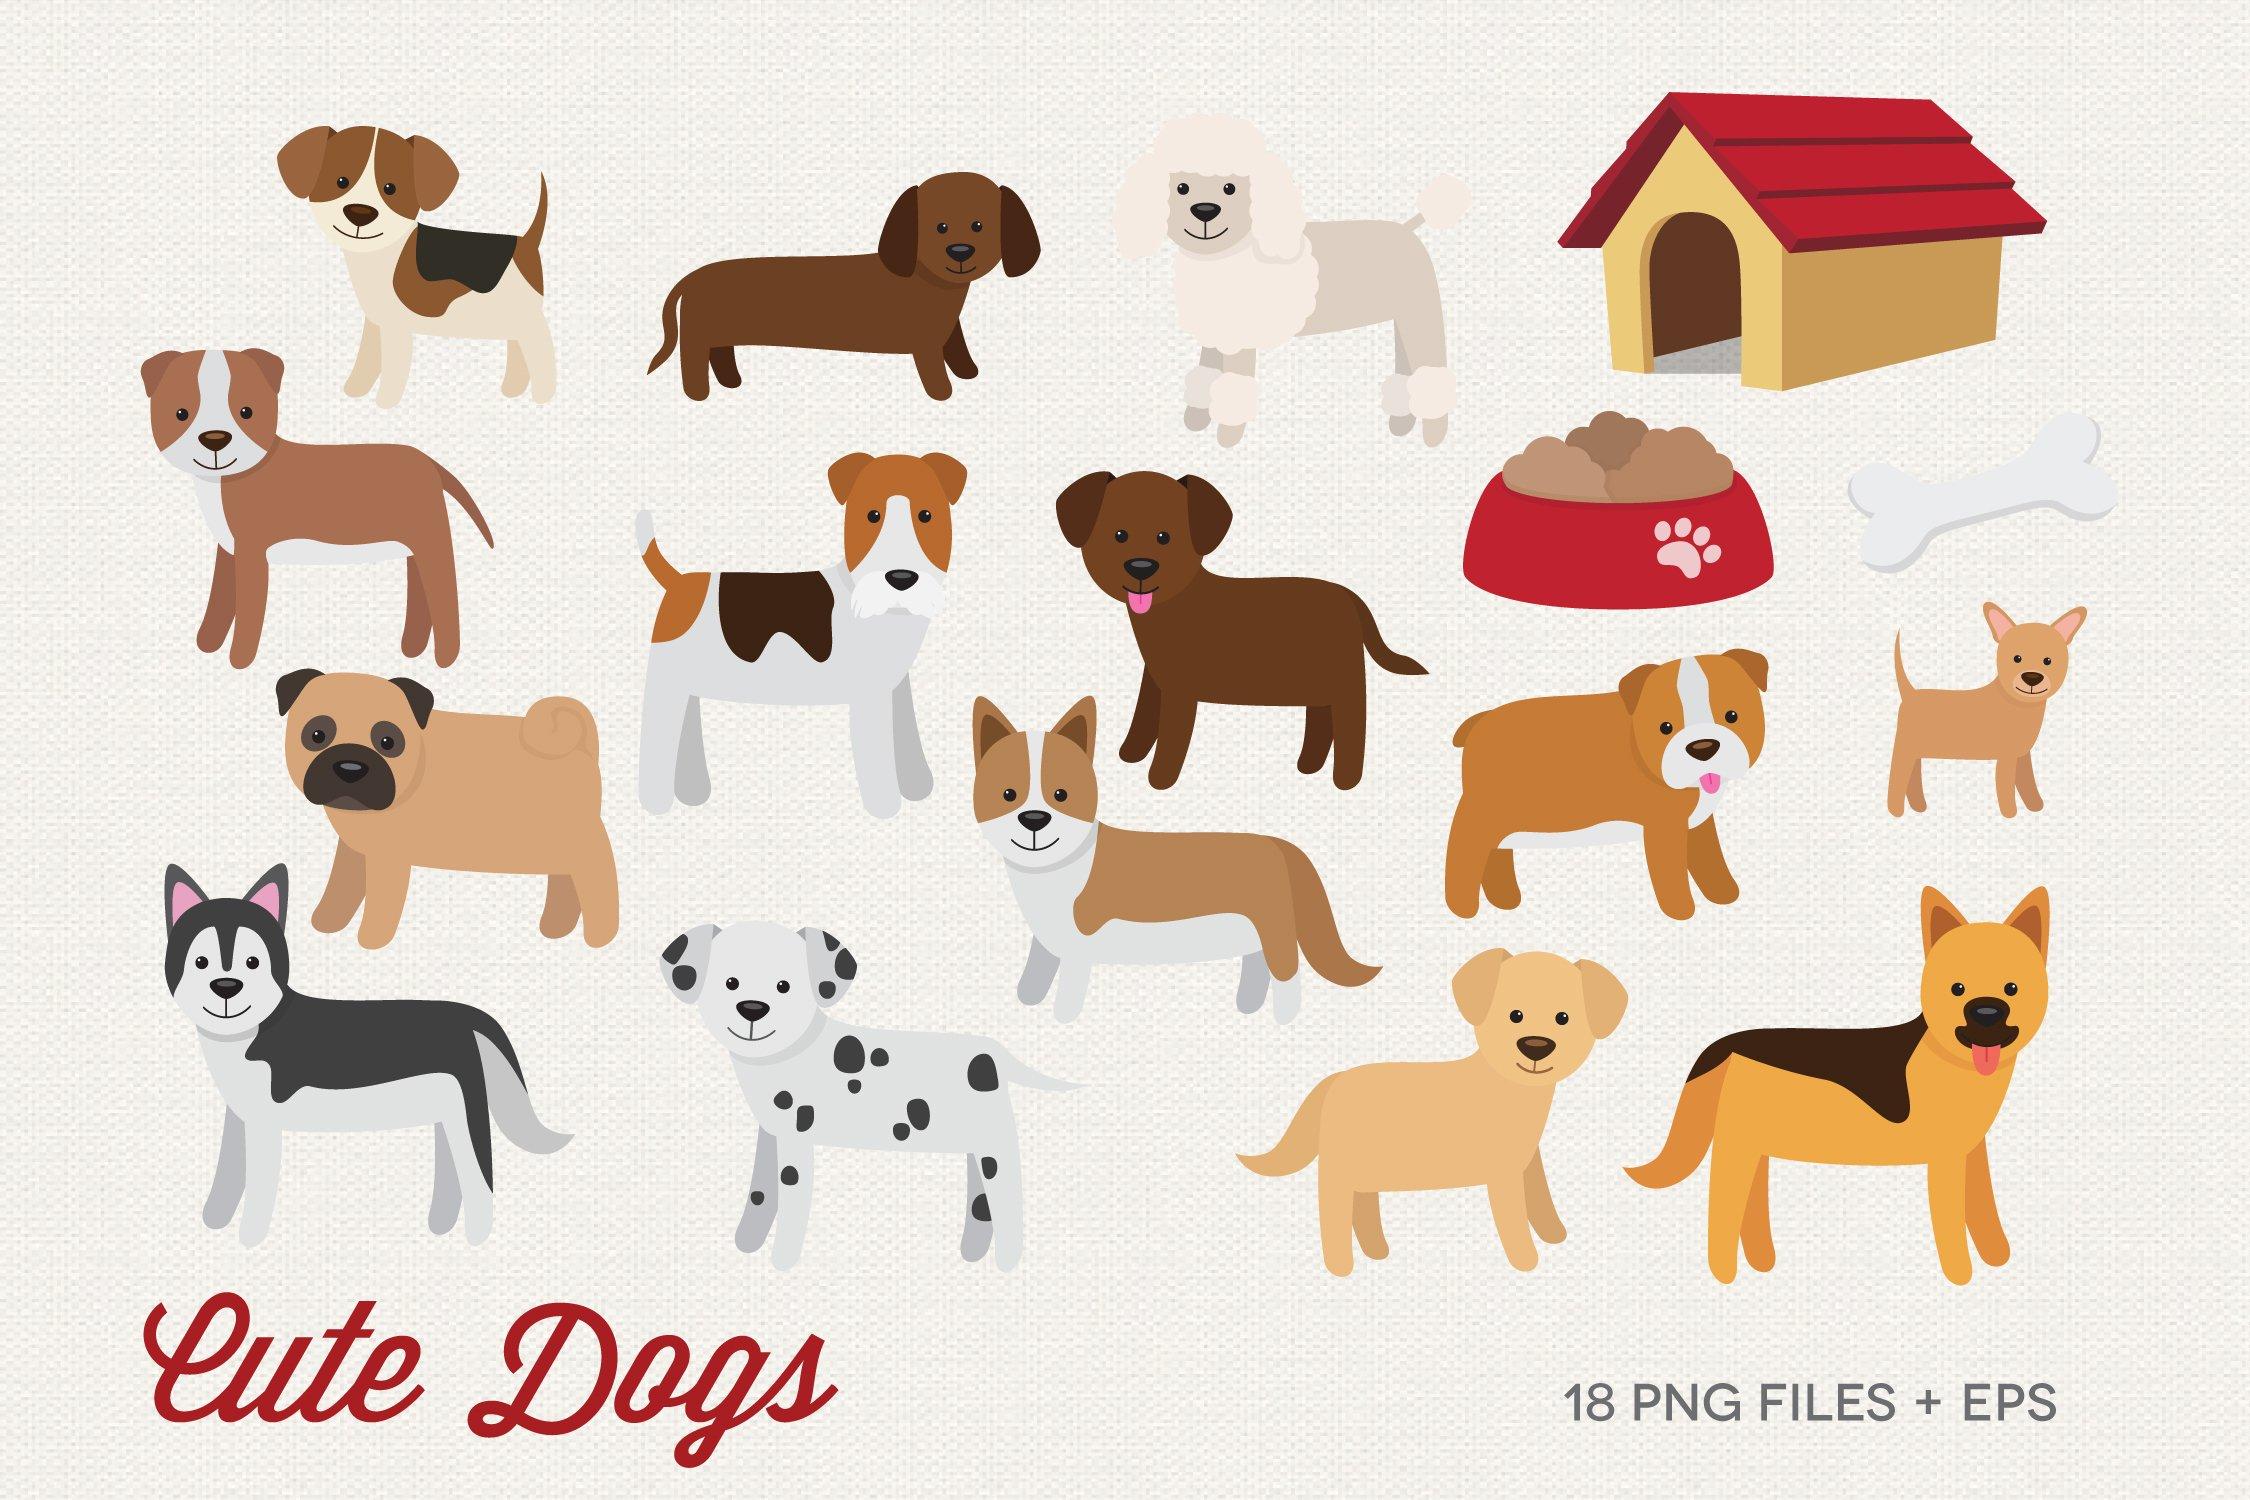 Cute Dogs Clipart 357327 Illustrations Design Bundles